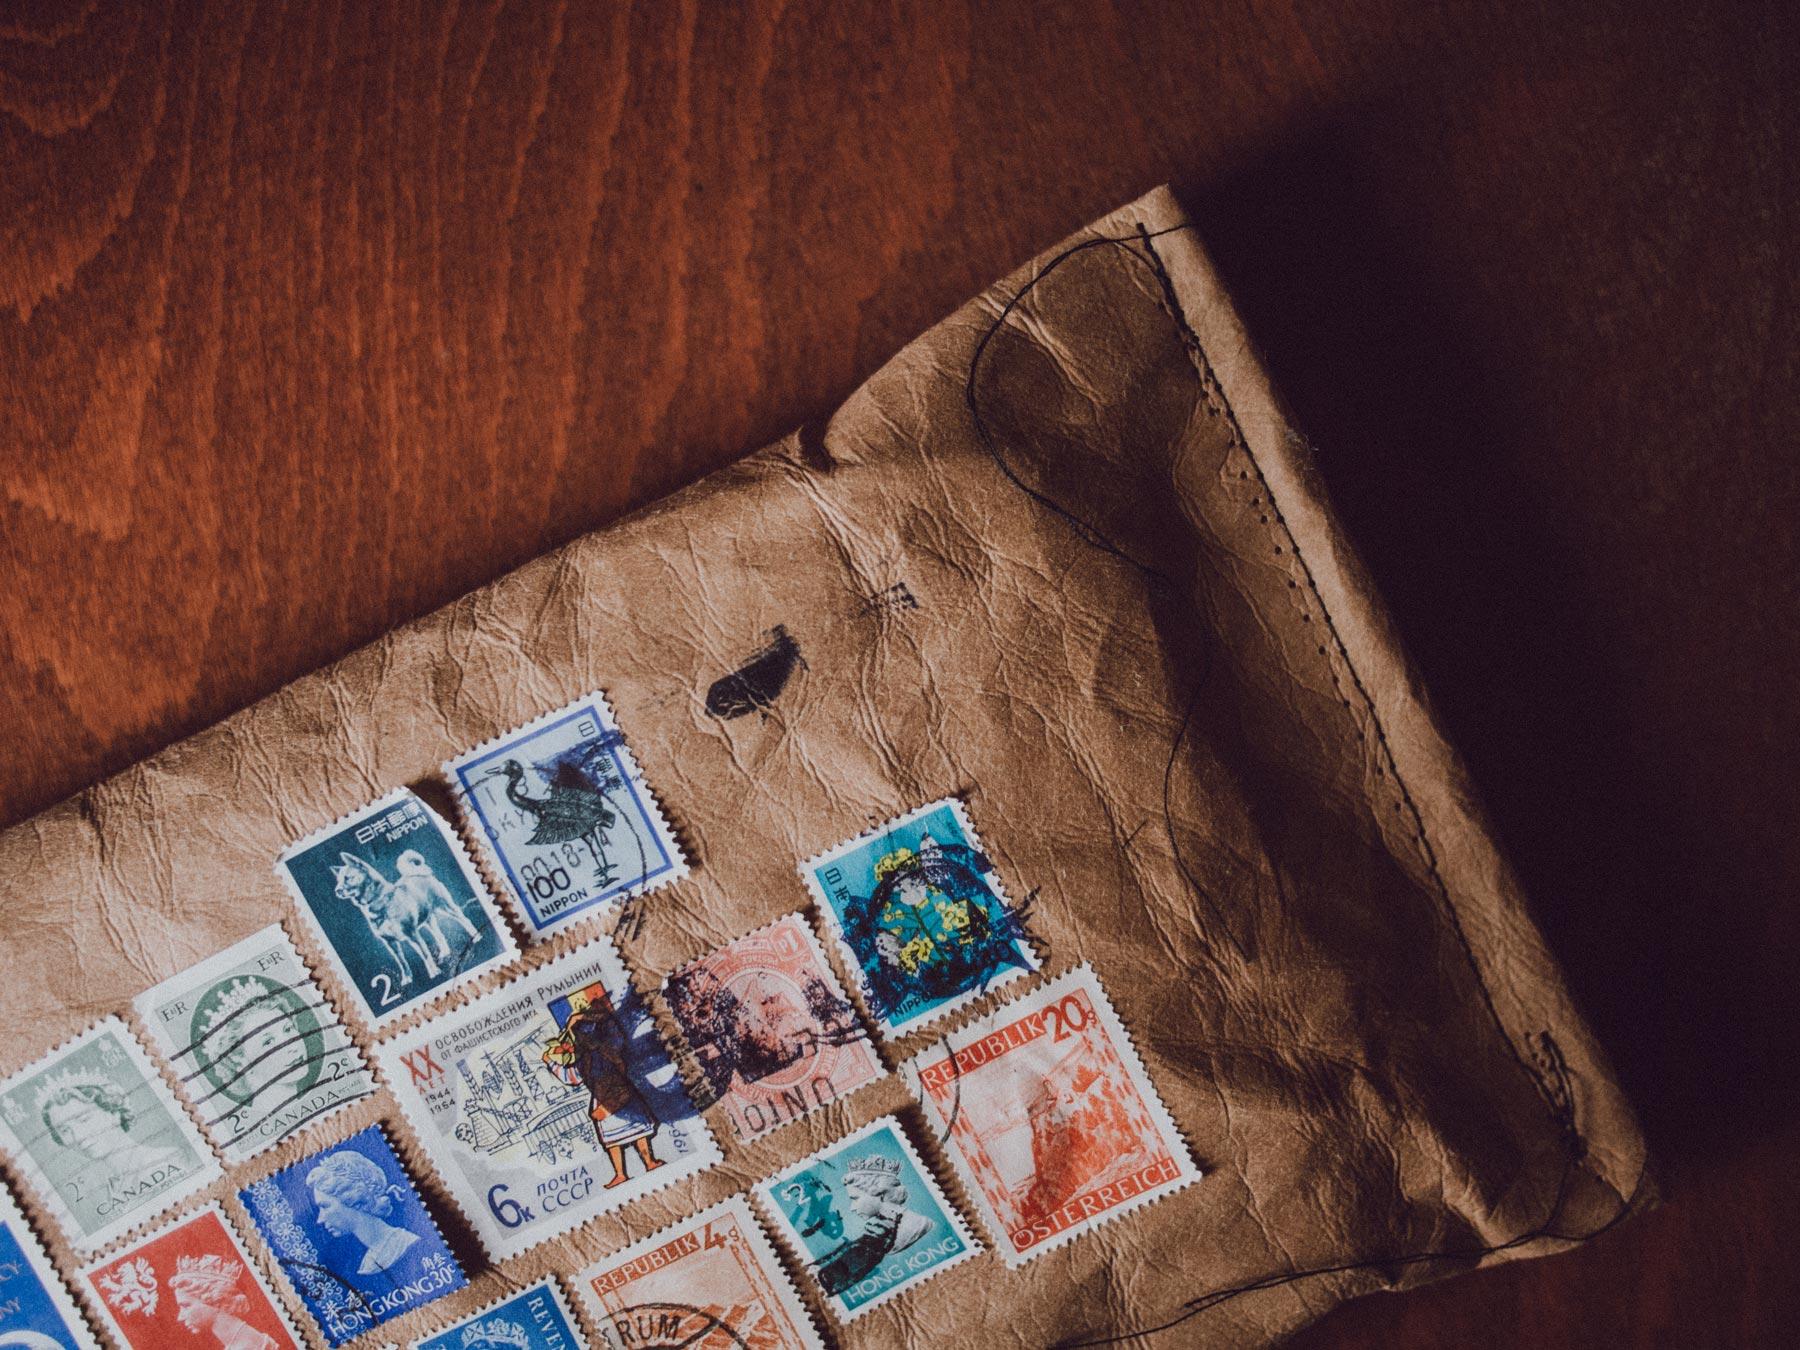 Man sieht den rechten Teil des Einladungs-Mailing für Distributoren zum 10-Jährigen Jubiläum von evoc sports. Ein Kuvert aus Jeans-Label-Material mit bunten Briefmarken aus 10 Ländern ist abgebildet. Idee und Design sind von MAJORMAJOR.